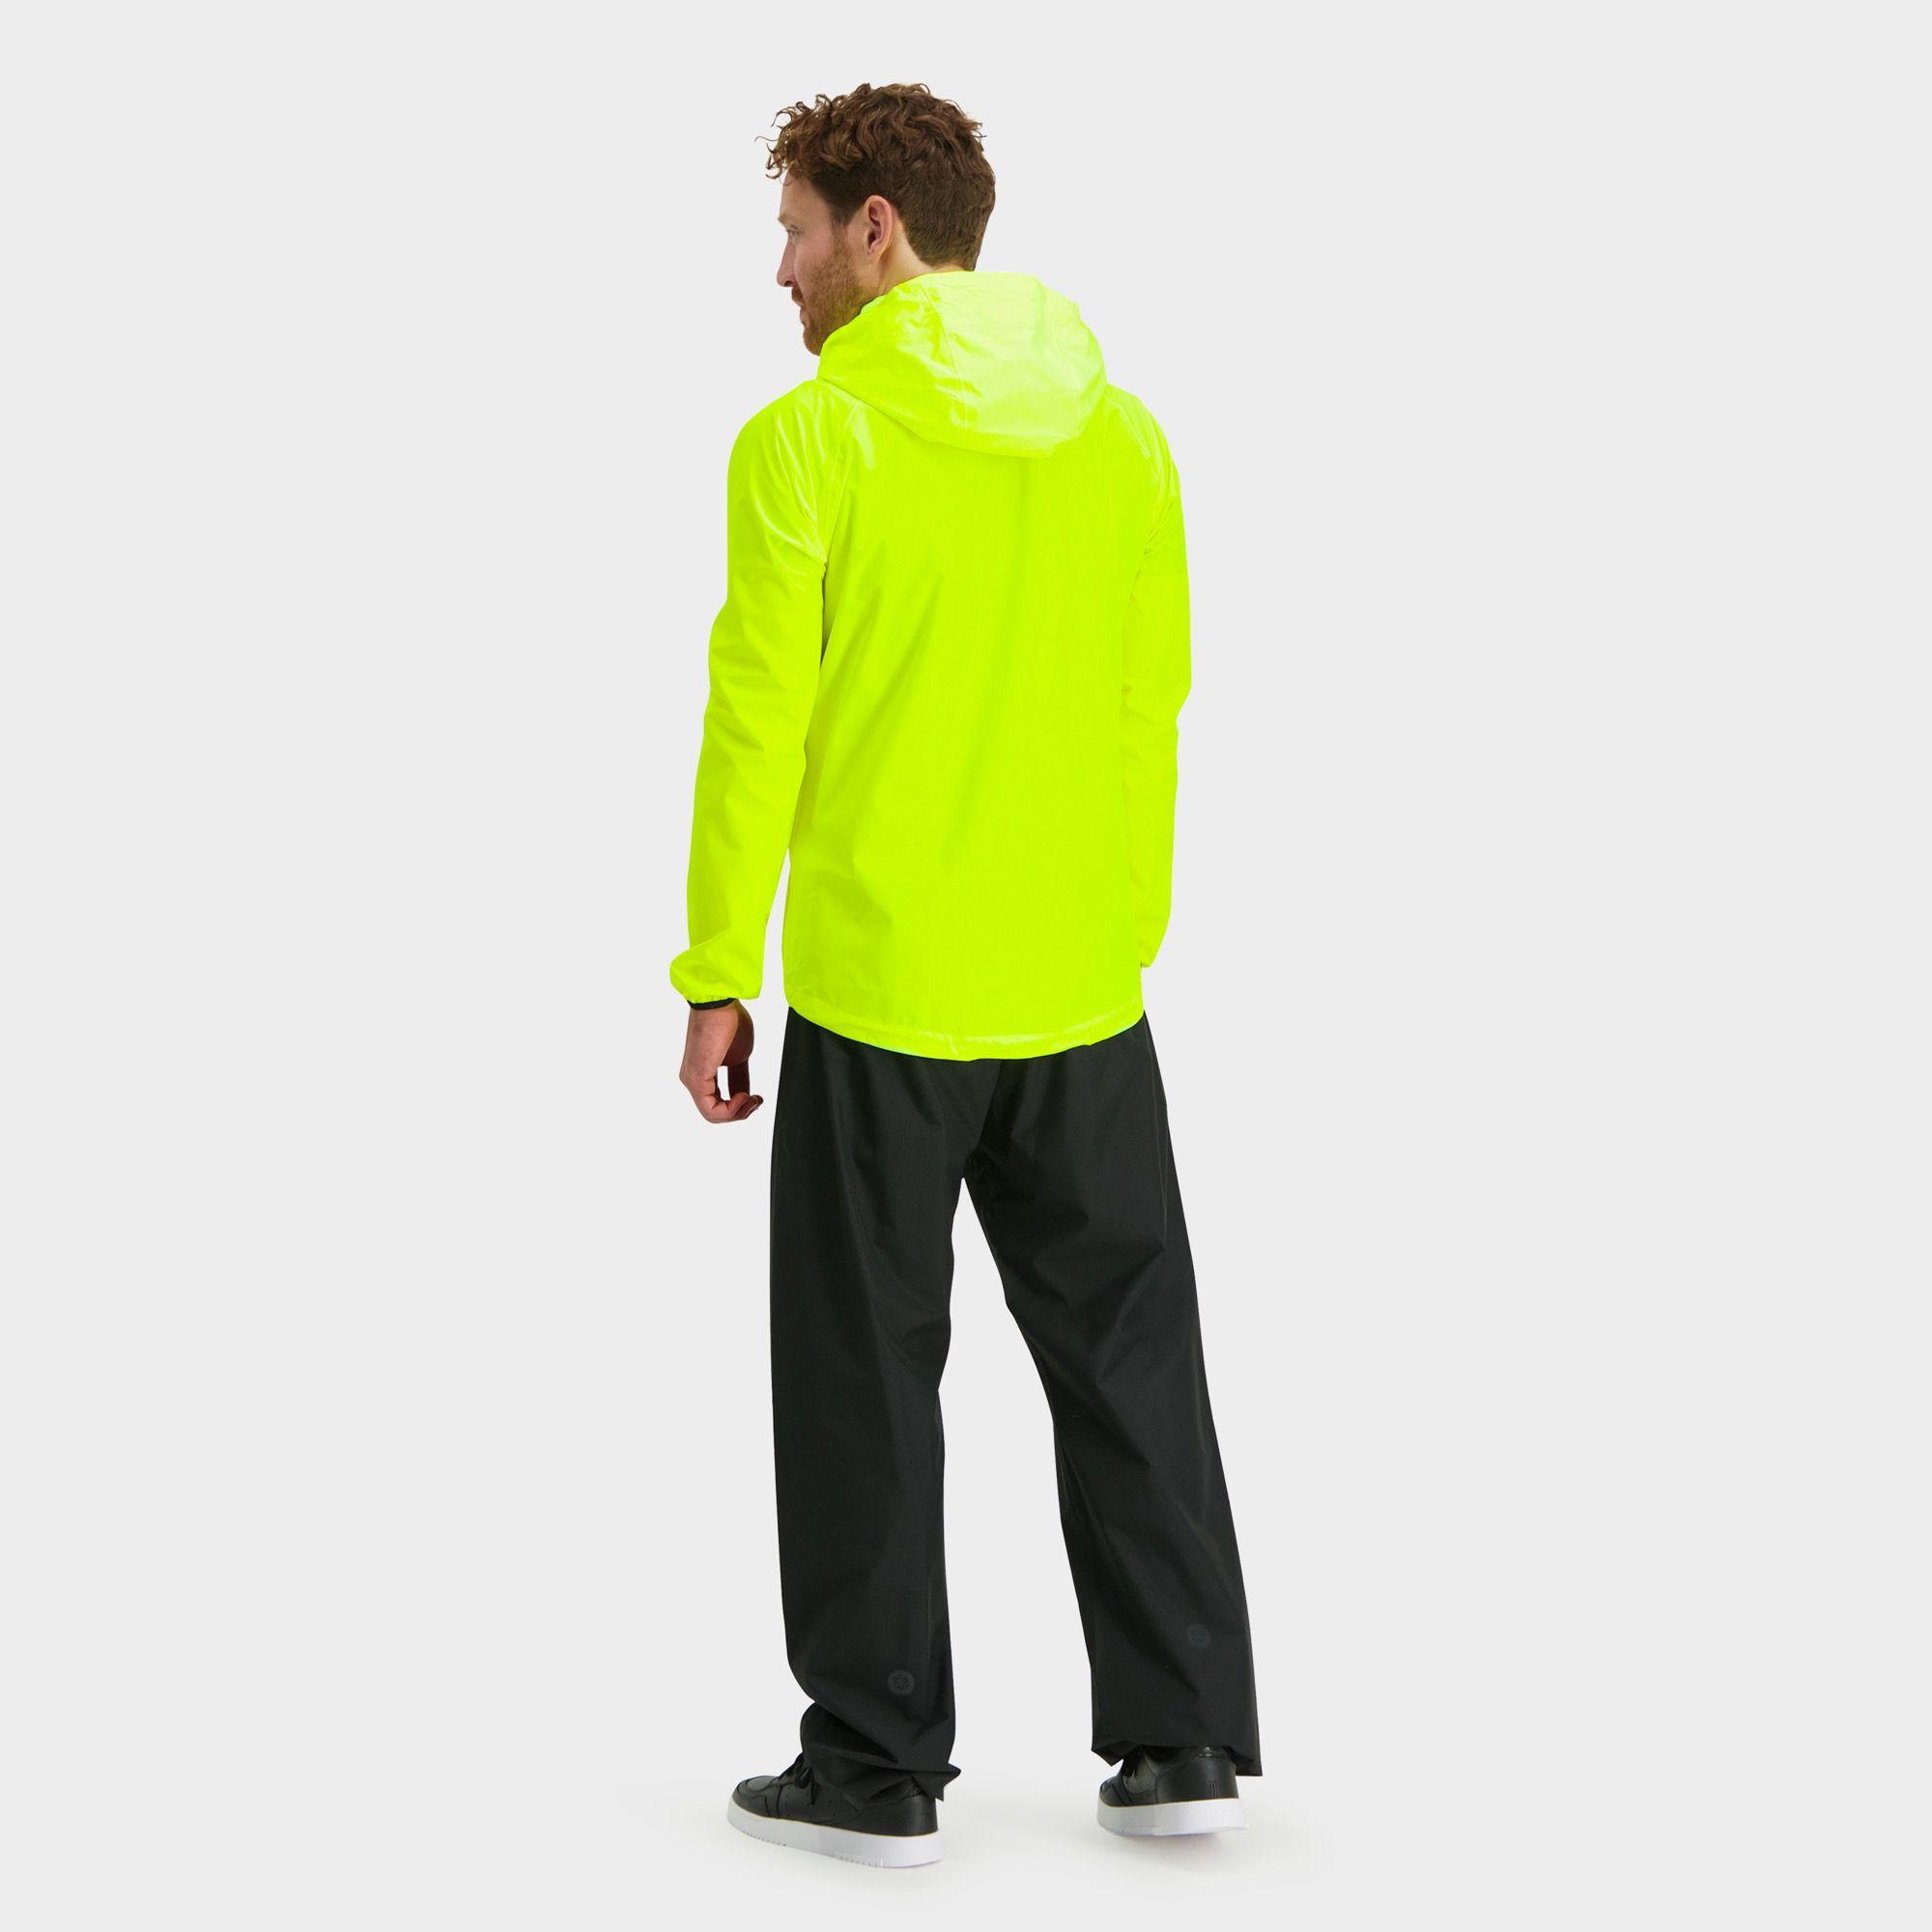 GO Rain Suit Essential fit example